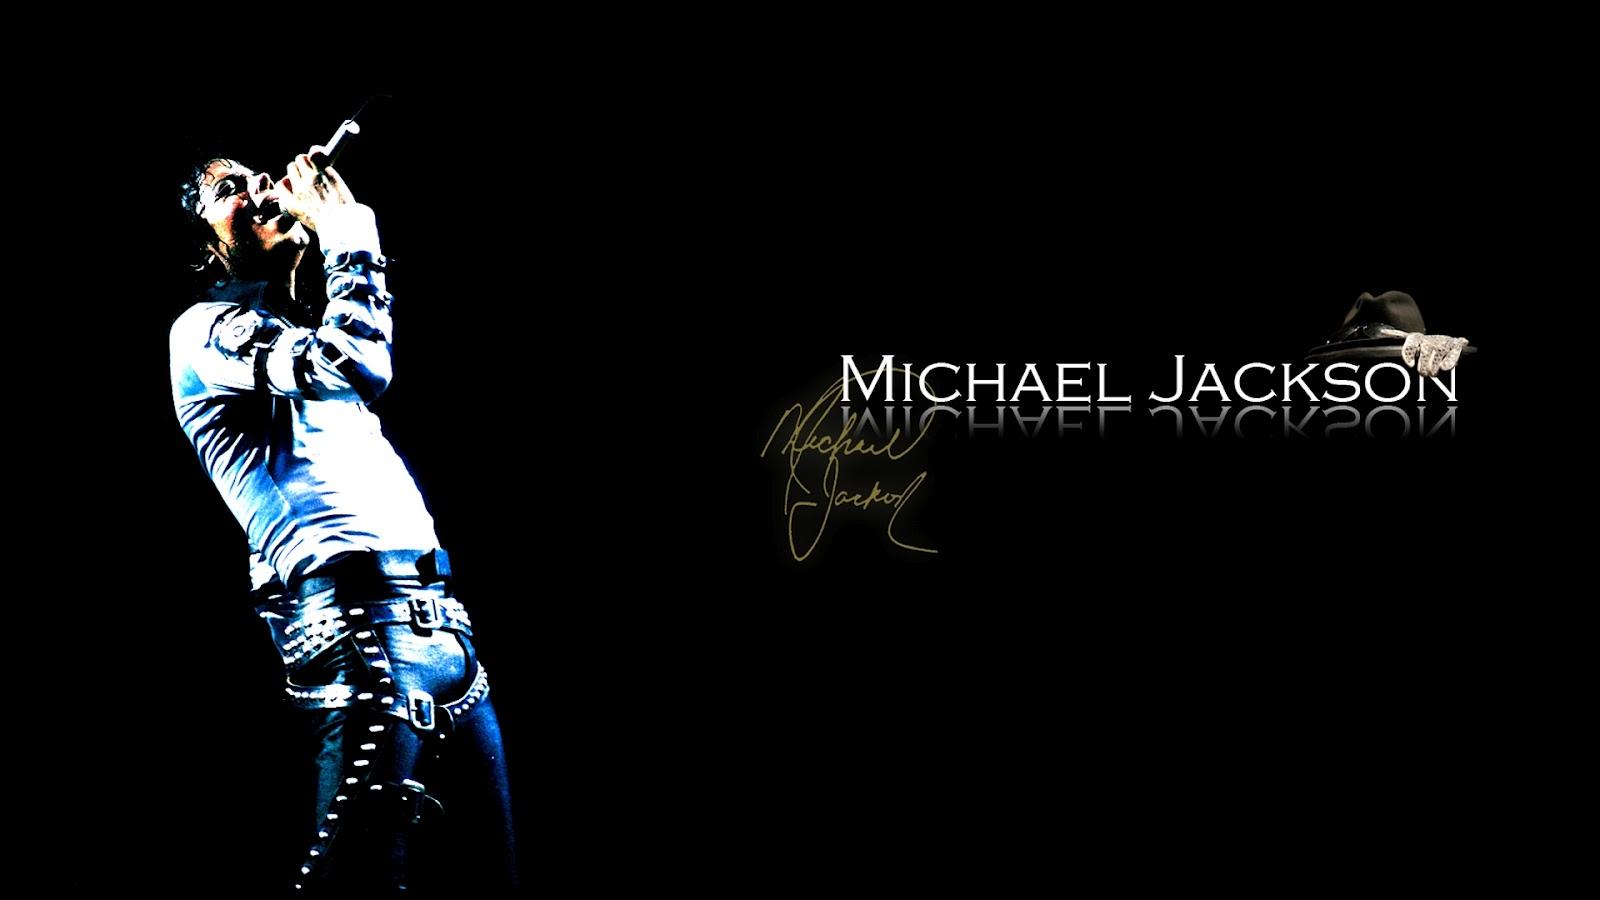 http://1.bp.blogspot.com/-b7l6X-0Tylk/UBzDE_RQrLI/AAAAAAAAKiM/Vr5PiETtnRI/s1600/Michael-jackson-Wallpapers-HD-2.jpg